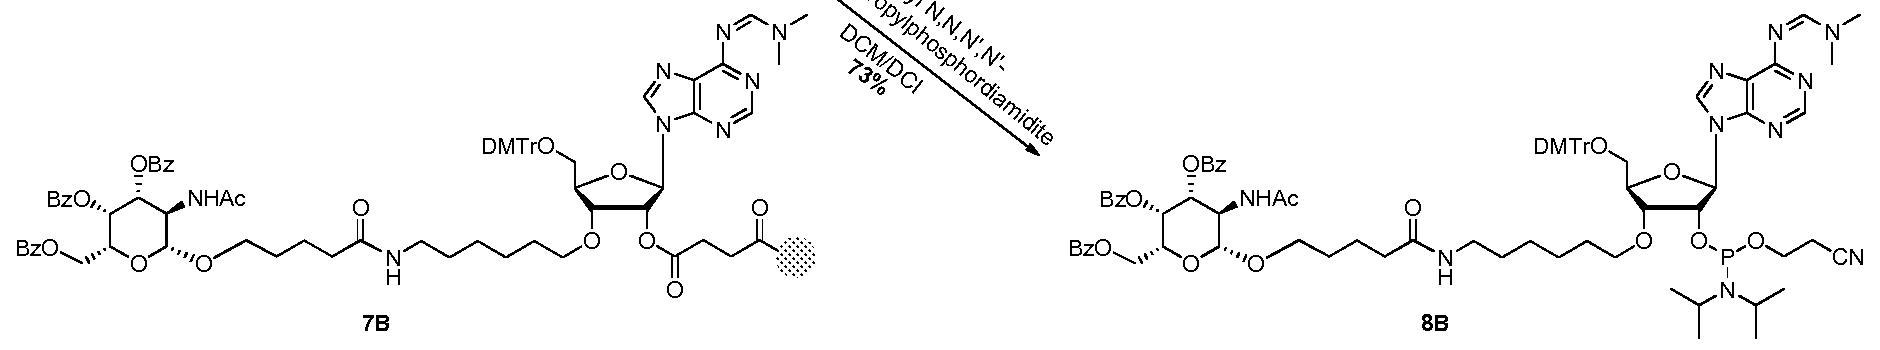 Figure imgf000274_0002